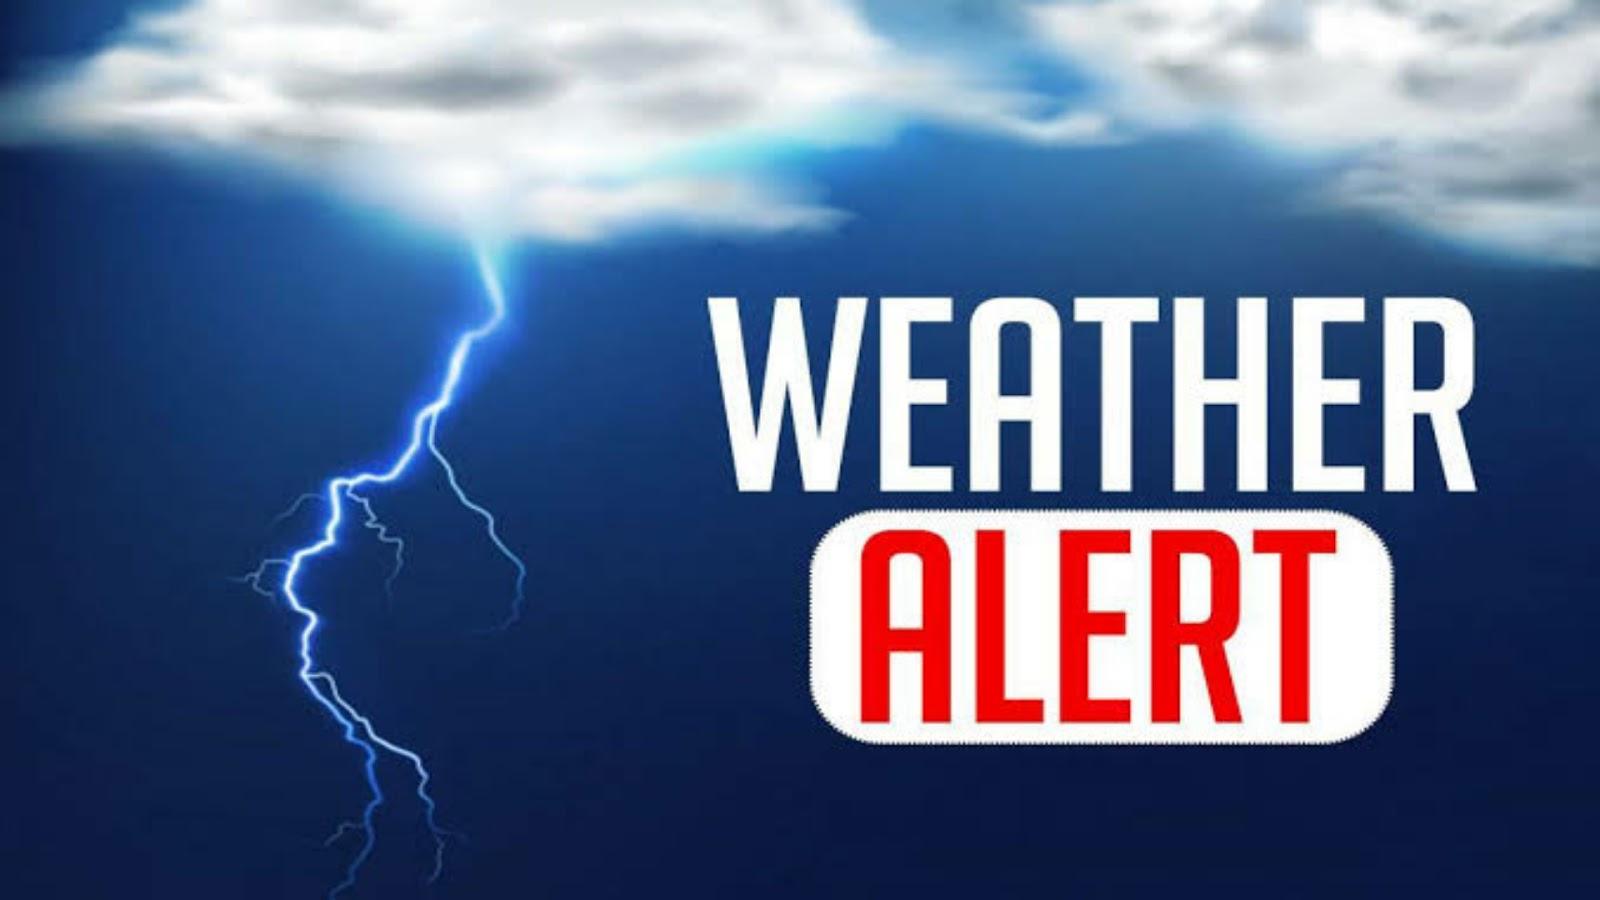 WEATHER ALERTS: बिहार में लगातार हो रही बारिश, दरभंगा-मधुबनी समेत कई जिले ब्लू अलर्ट पर, मौसम विभाग की निगहबानी तेज